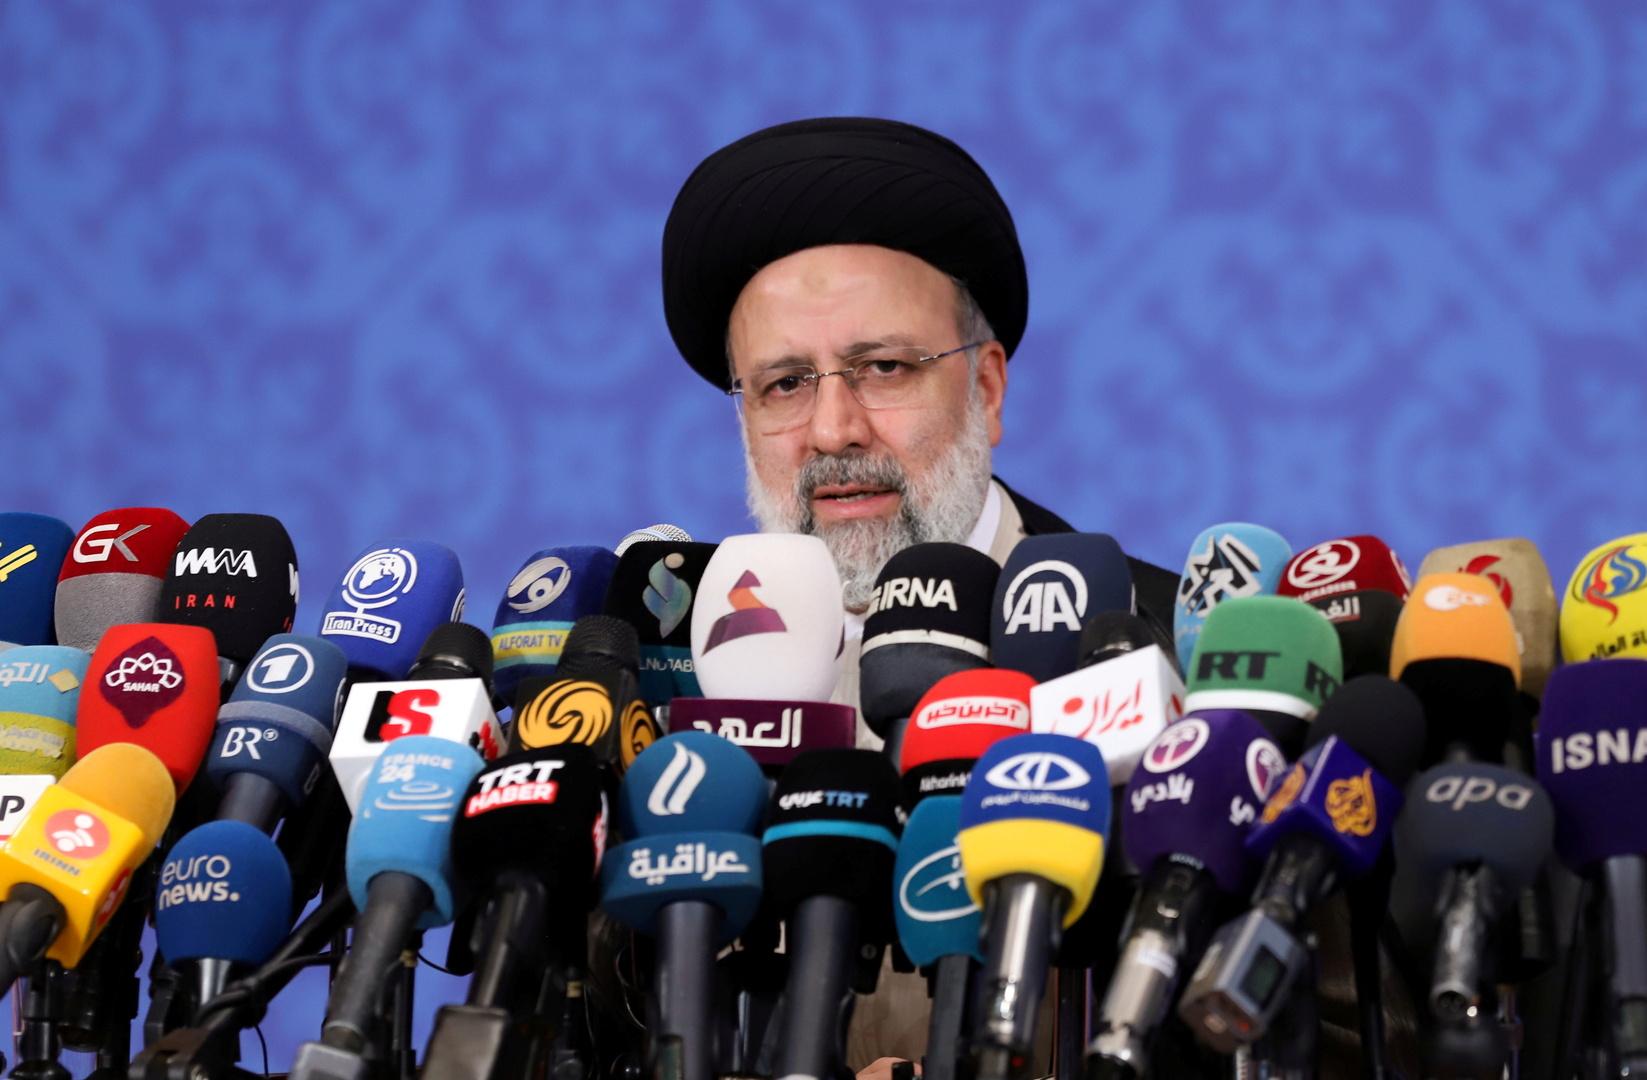 الرئيس الإيراني المنتخب يدعو رئيس وزراء الفاتيكان لدعم الشعوب المظلومة بوجه القوى الظالمة